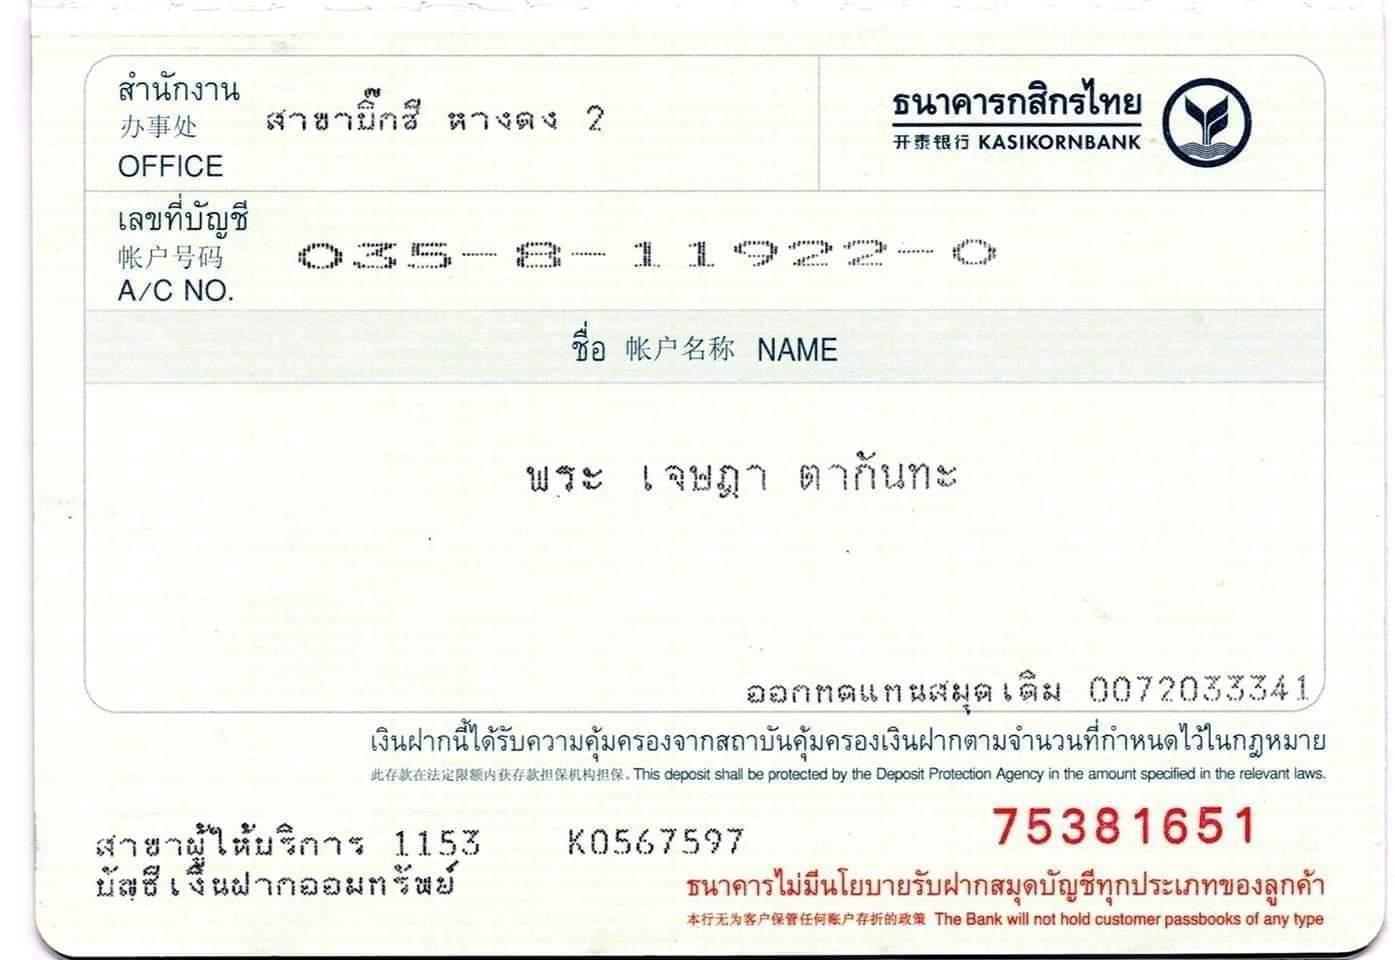 FB_IMG_1557831311291.jpg